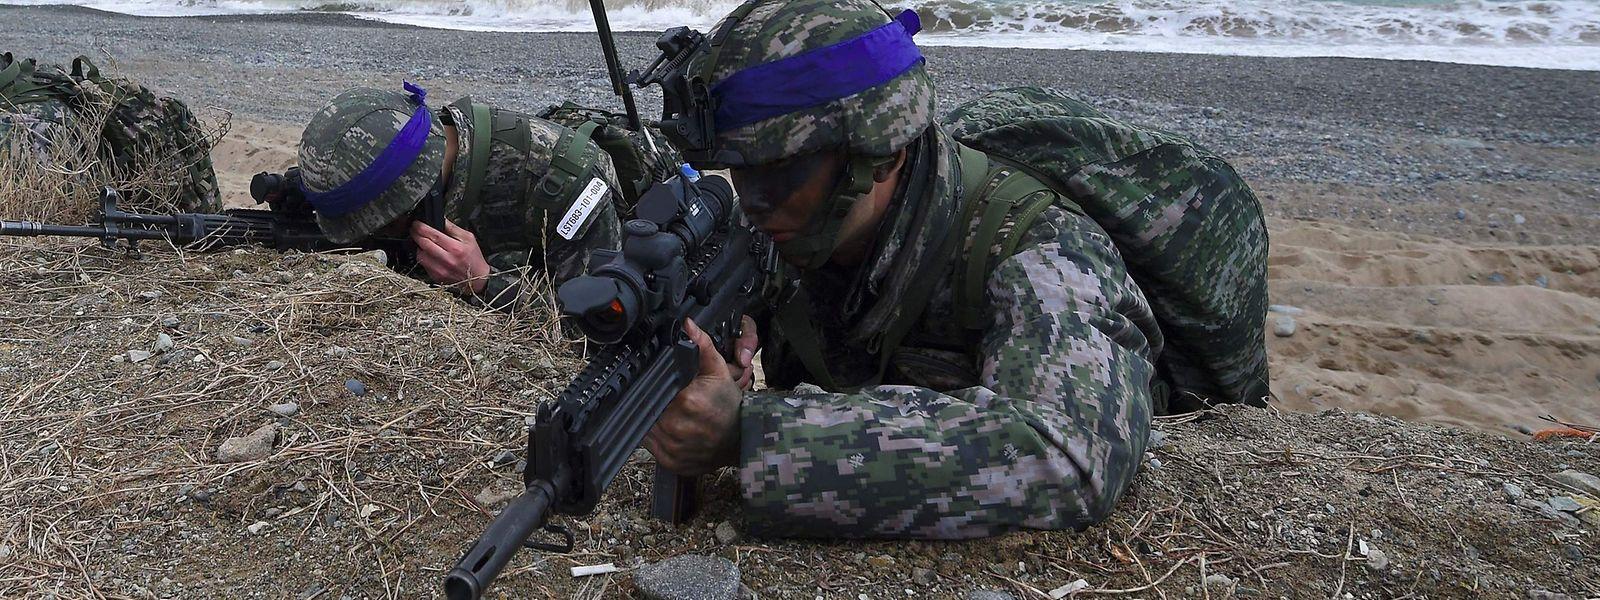 Die USA und Südkorea hielten in den vergangenen Jahren regelmäßig Militärübungen ab, um ihre Bereitschaft für einen Konflikt auf der koreanischen Halbinsel zu testen.